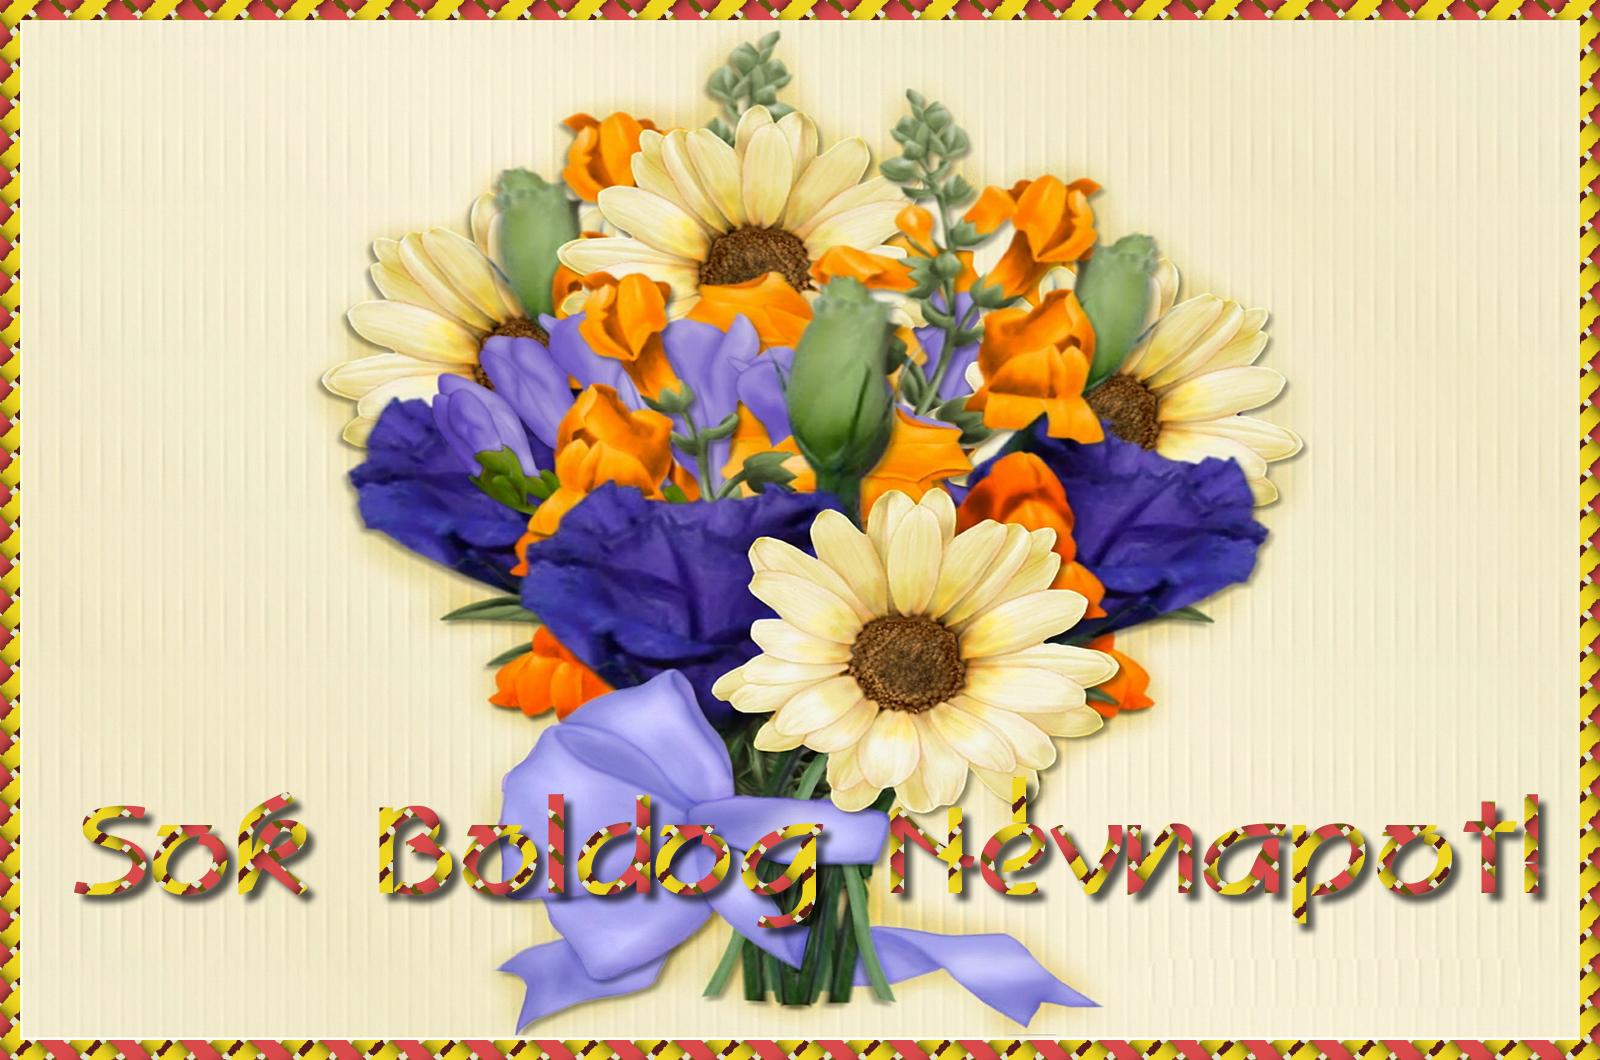 névnapi képek virágcsokrok Virágcsokor névnapra   Képeslapküldés   e kepeslap.com névnapi képek virágcsokrok